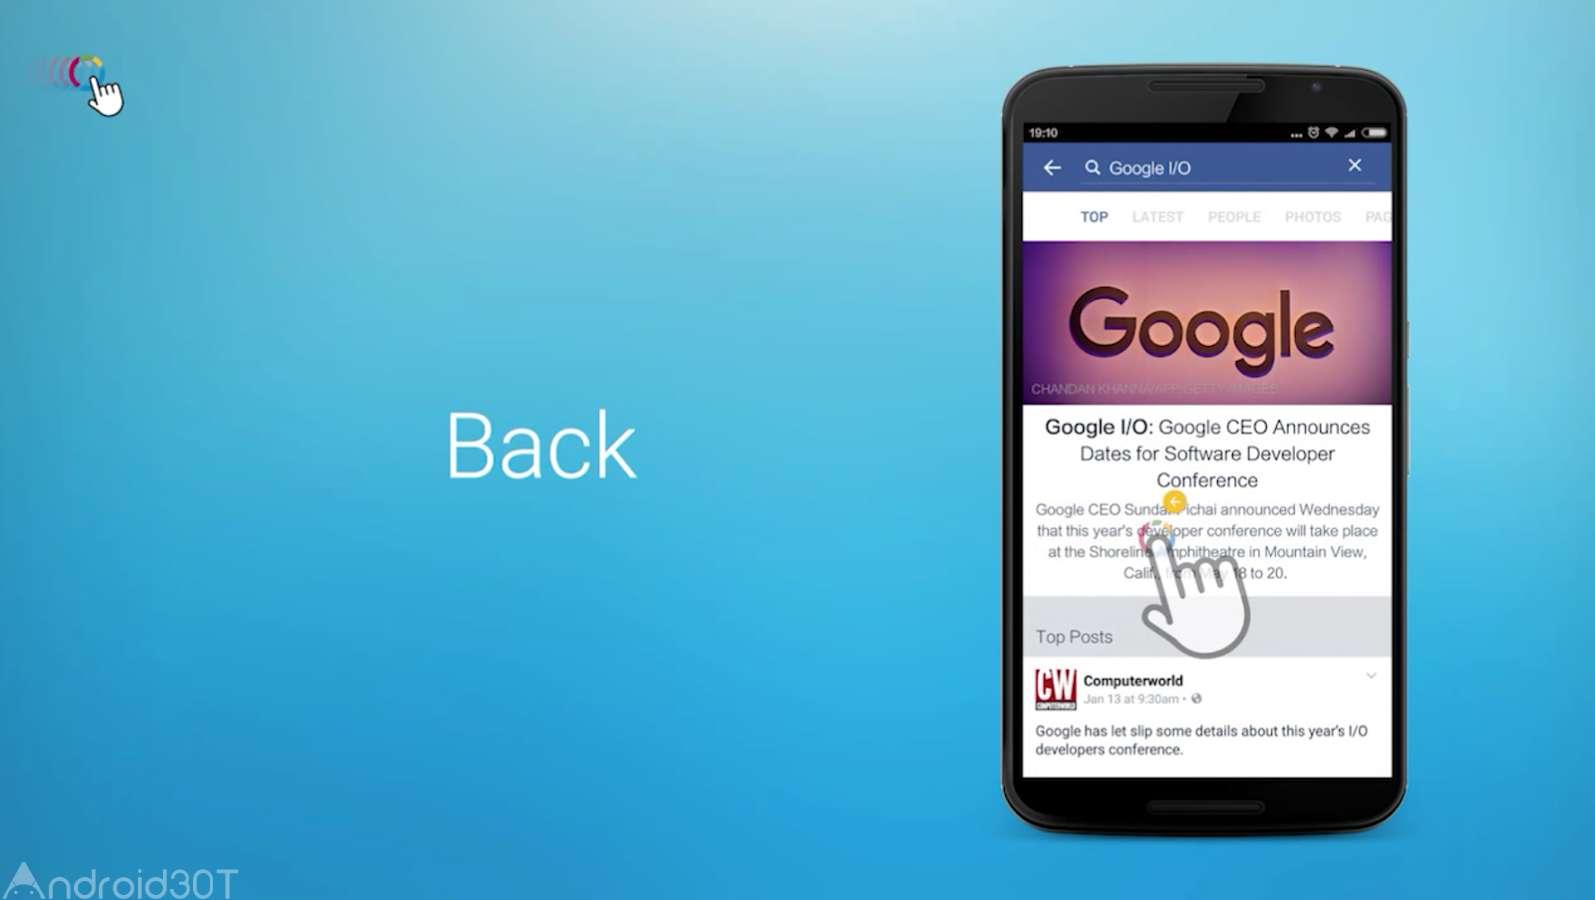 دانلود برنامه اسکرین شات گرفتن از صفحه fooView دستیار لمسی هوشمند